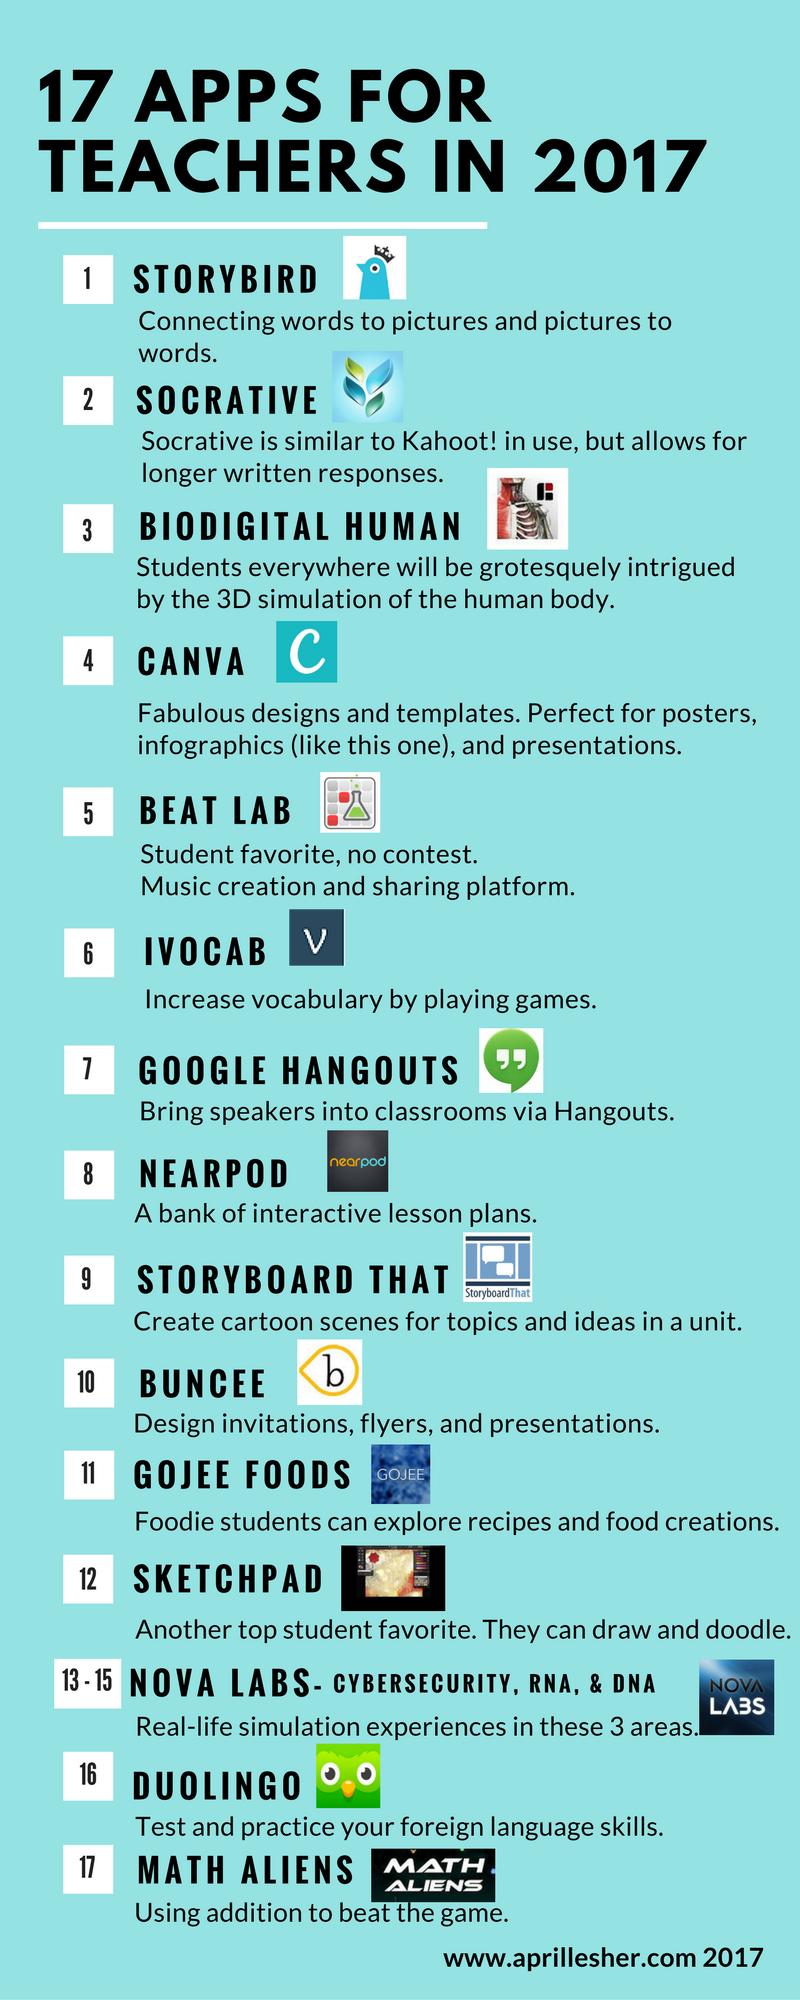 17 Apps for Teachers in 2017 | aprillesher.com